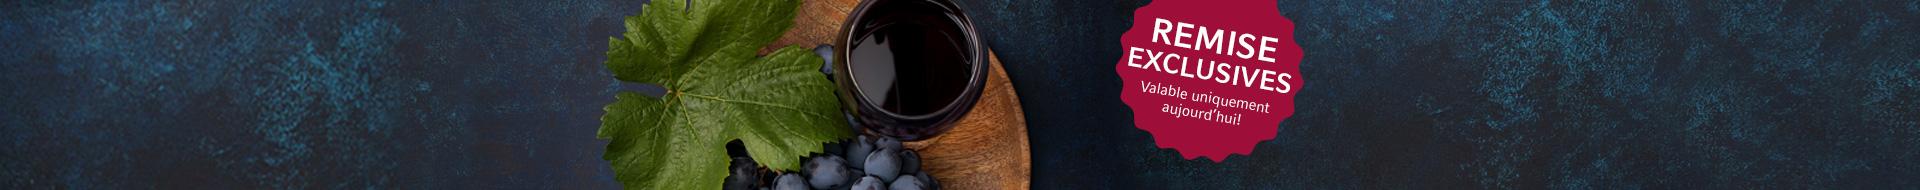 Wine Monday